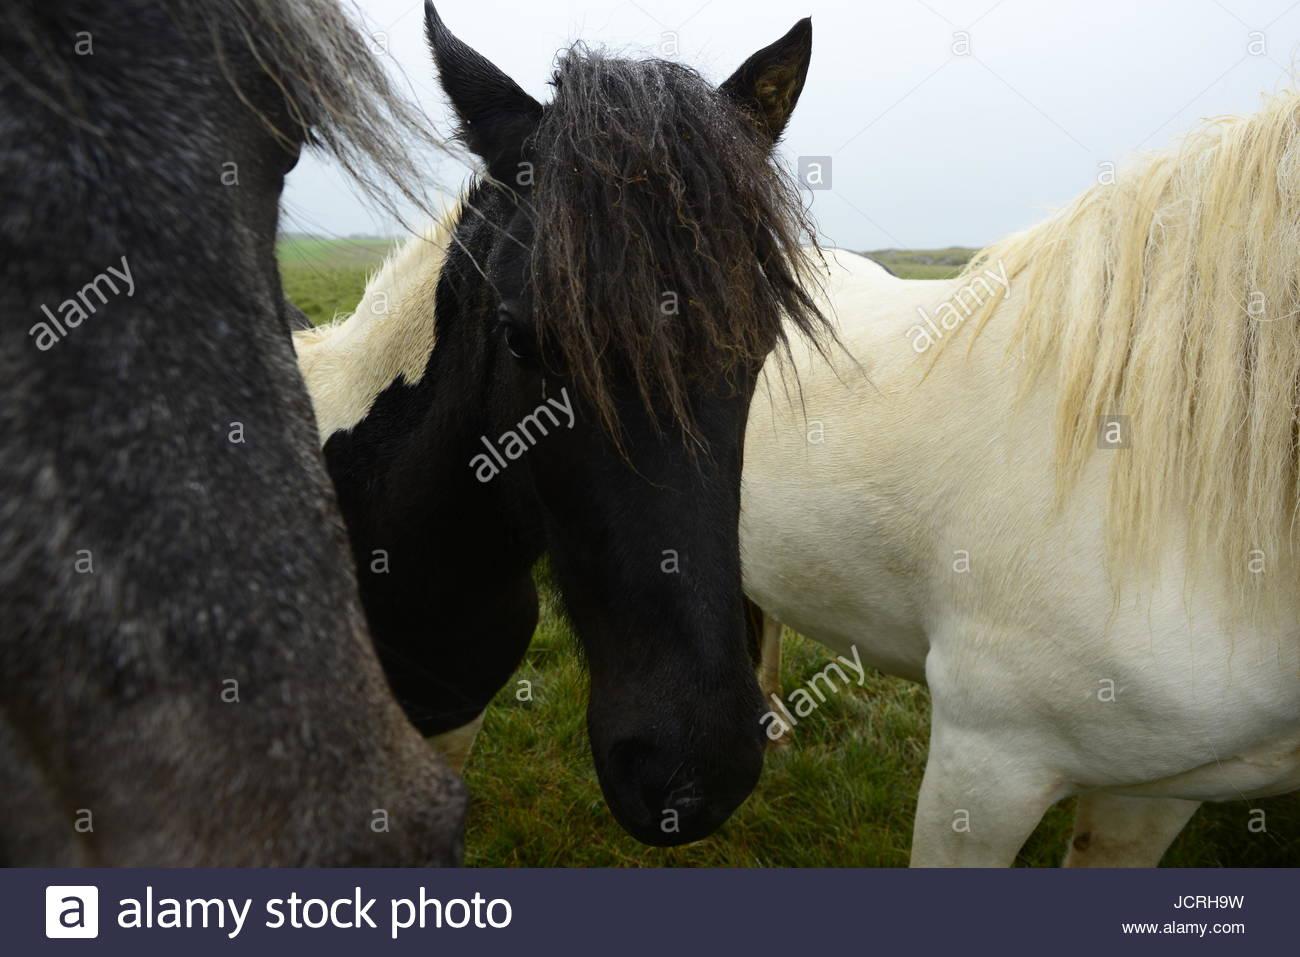 Icelandic horses, Equus ferus caballus. - Stock Image